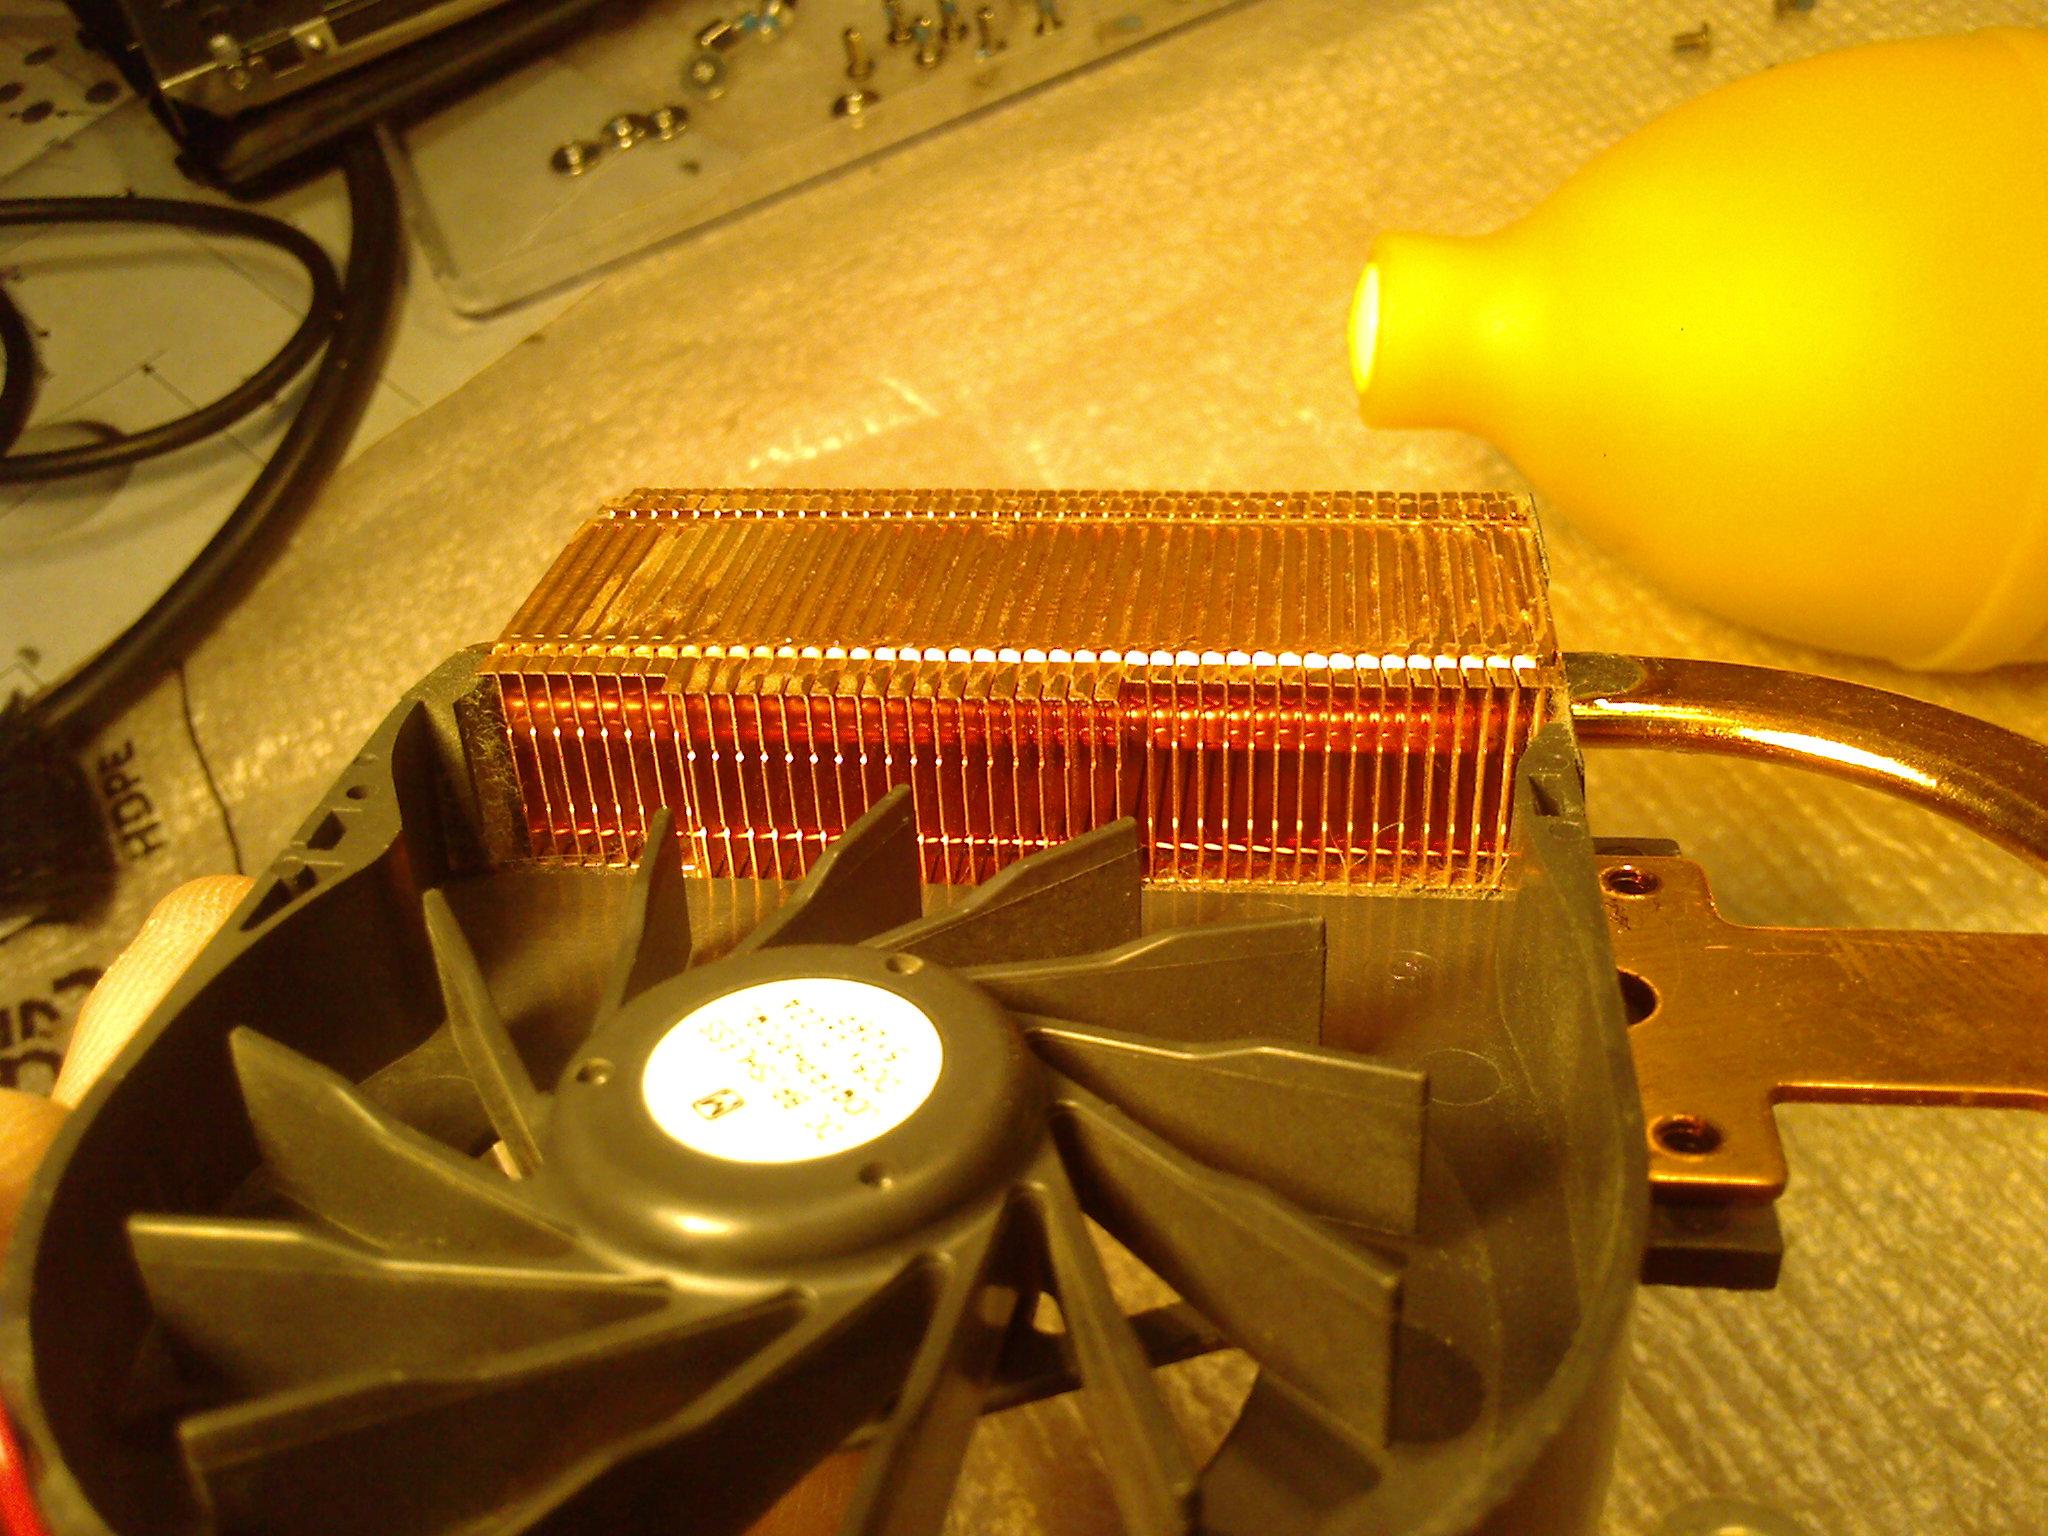 Система охлаждения ноутбука после чистки